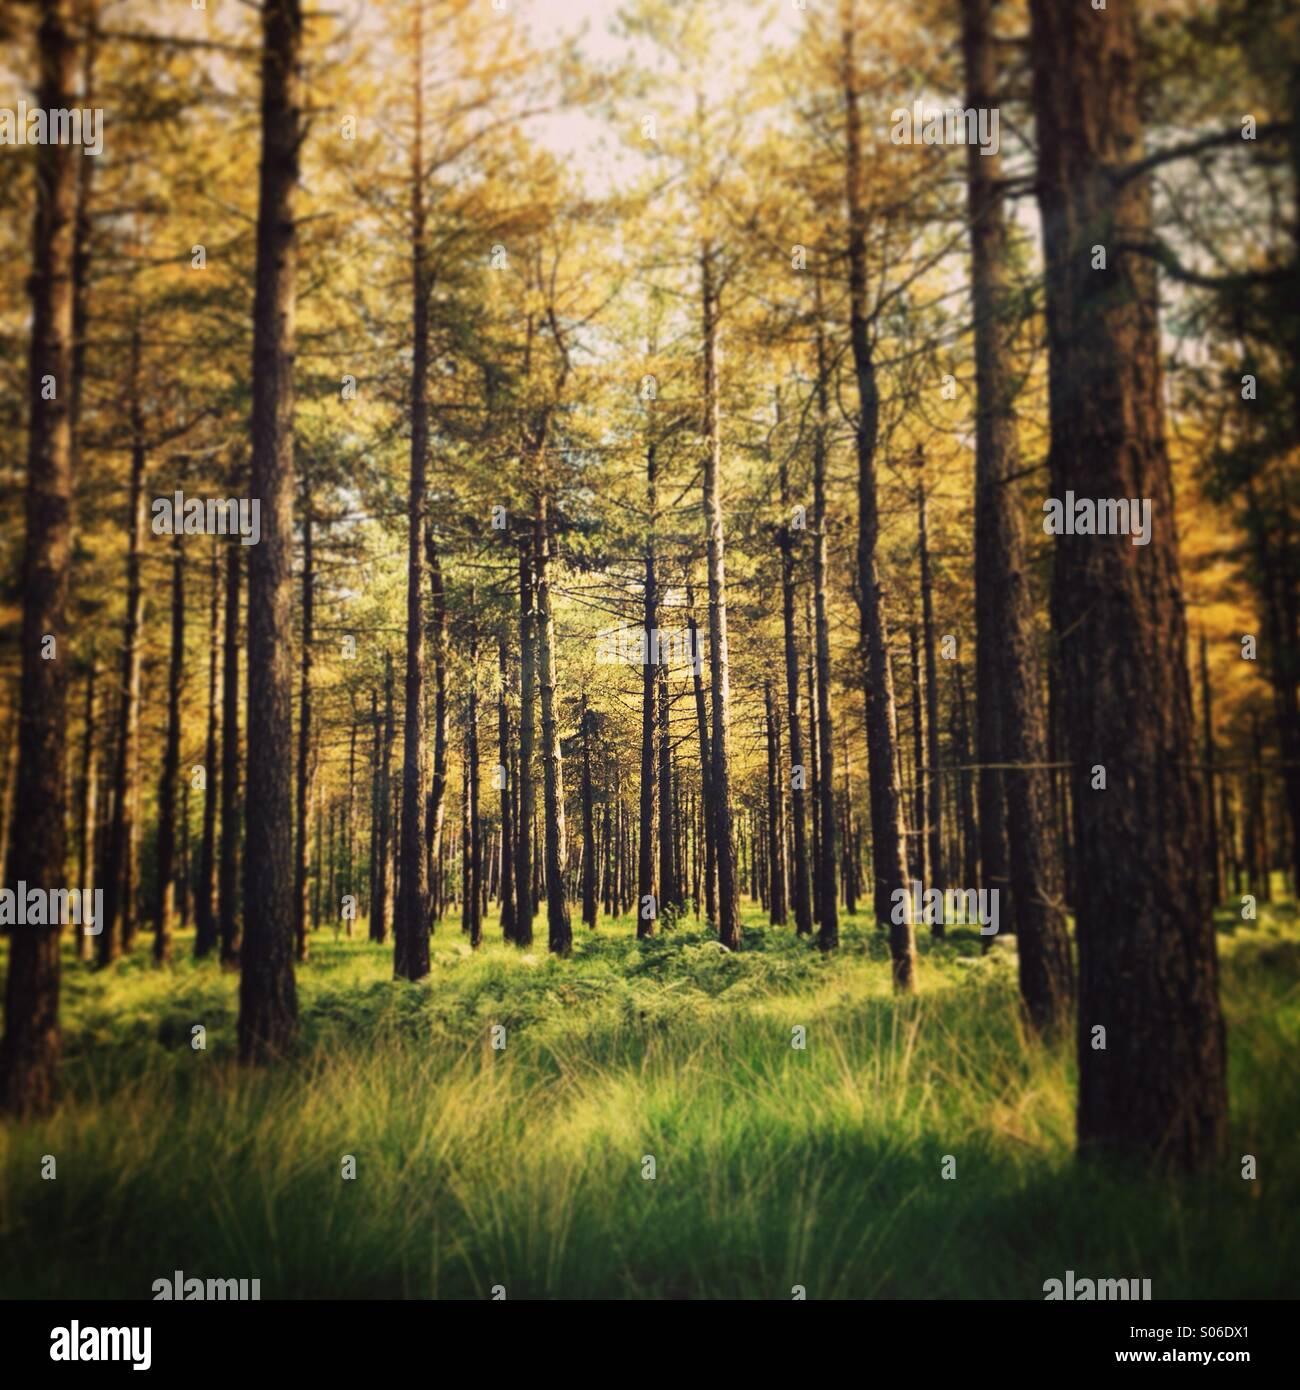 Forest near Tilburg, Brabant, Netherlands - Stock Image